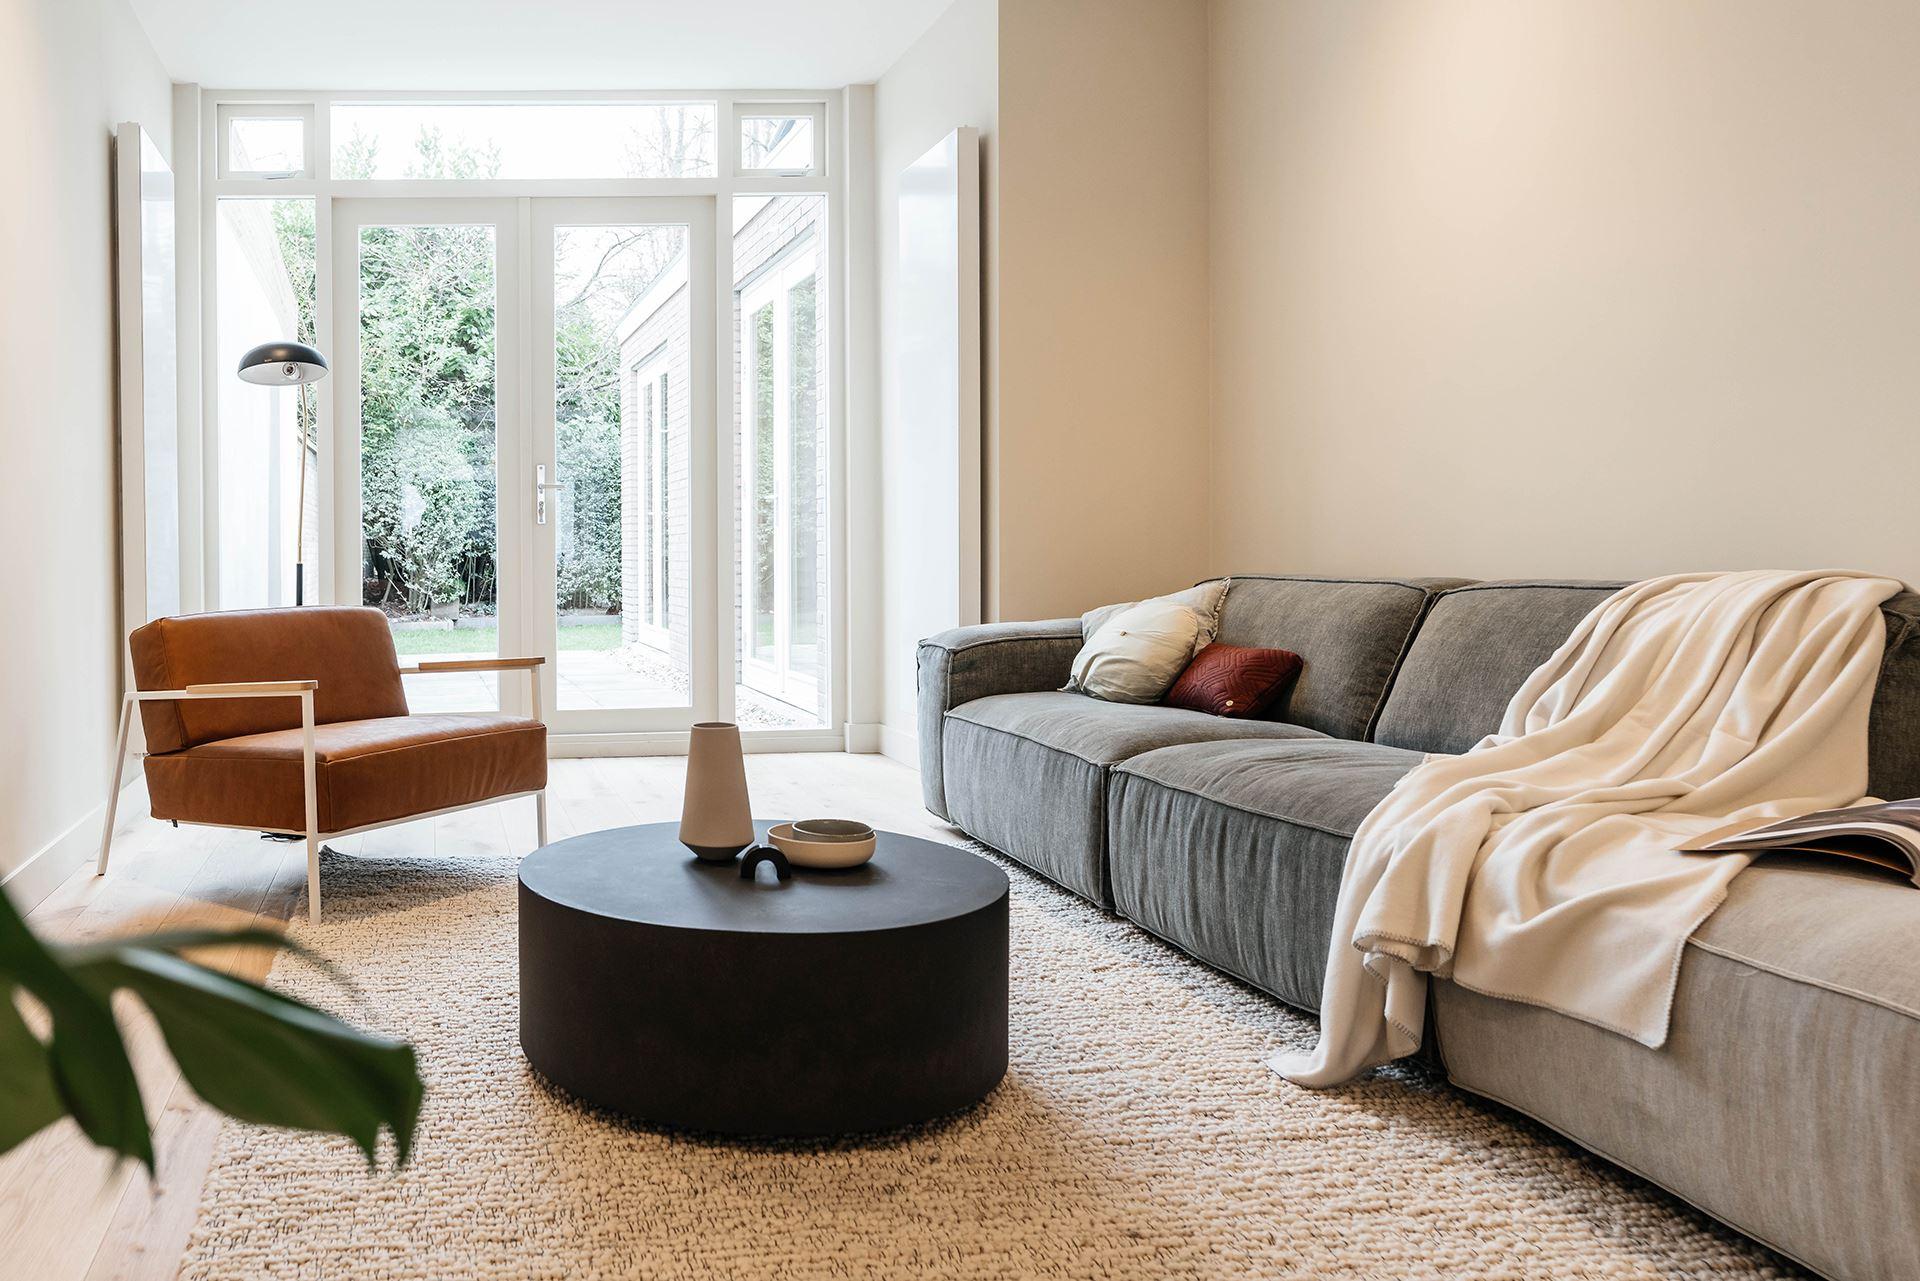 Appartement te koop: irisstraat 125 2565 th den haag [funda]